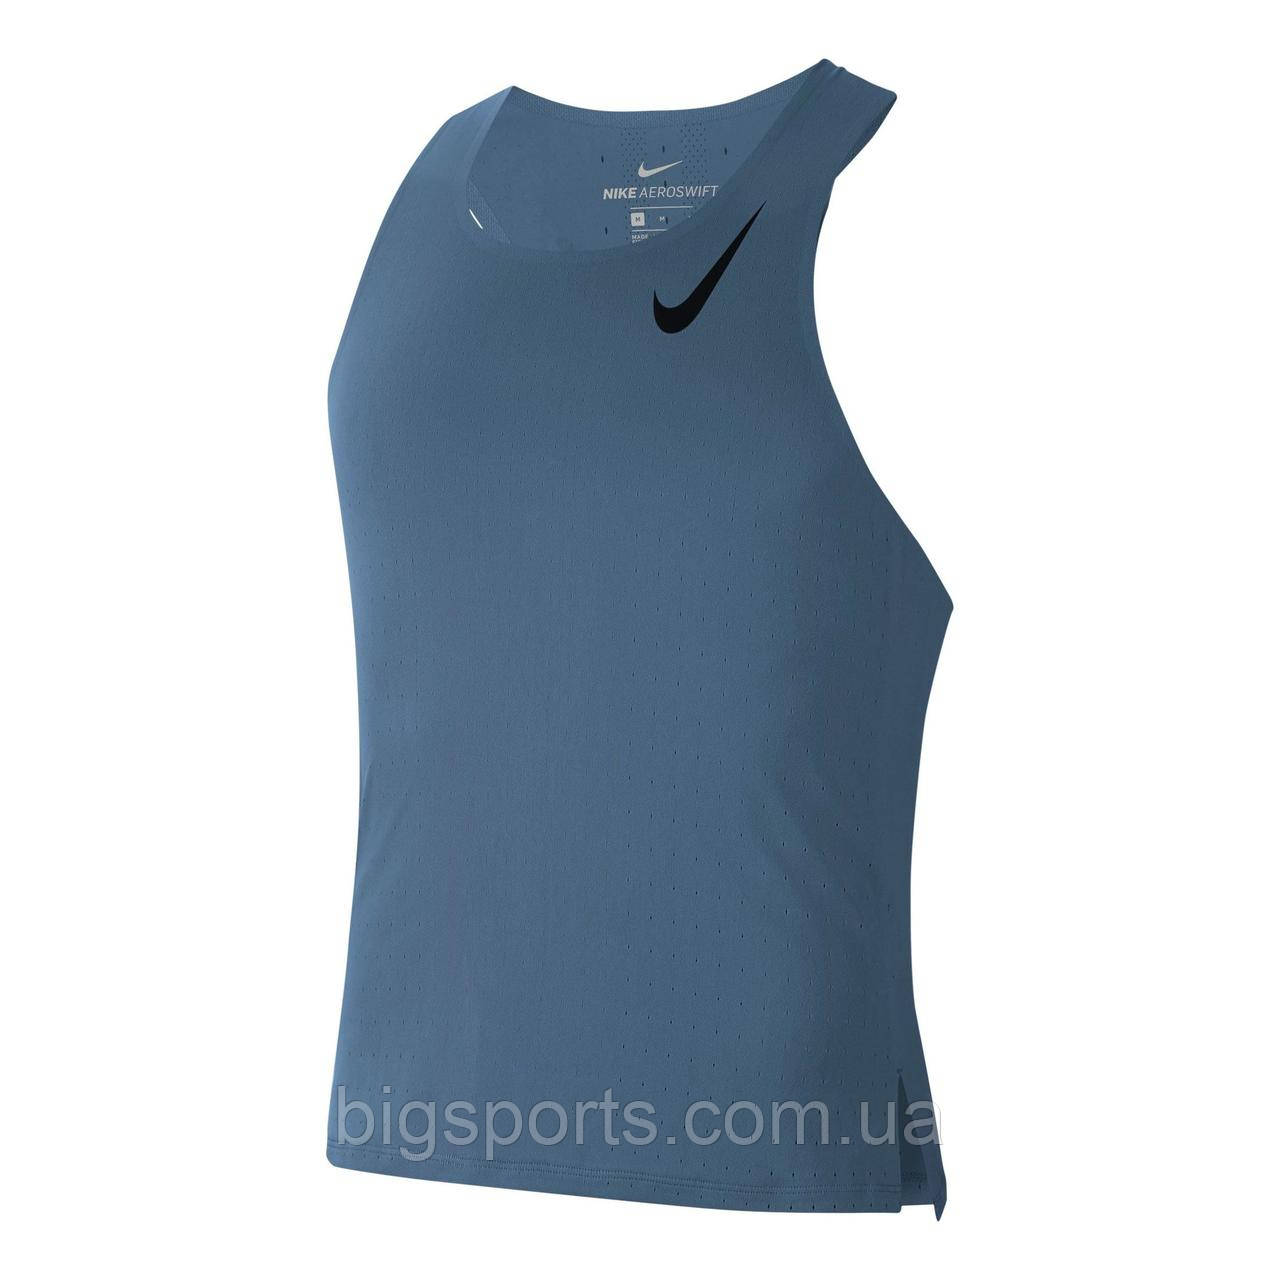 Майка муж. Nike M Nk Aroswft Singlet (арт. CJ7835-418)